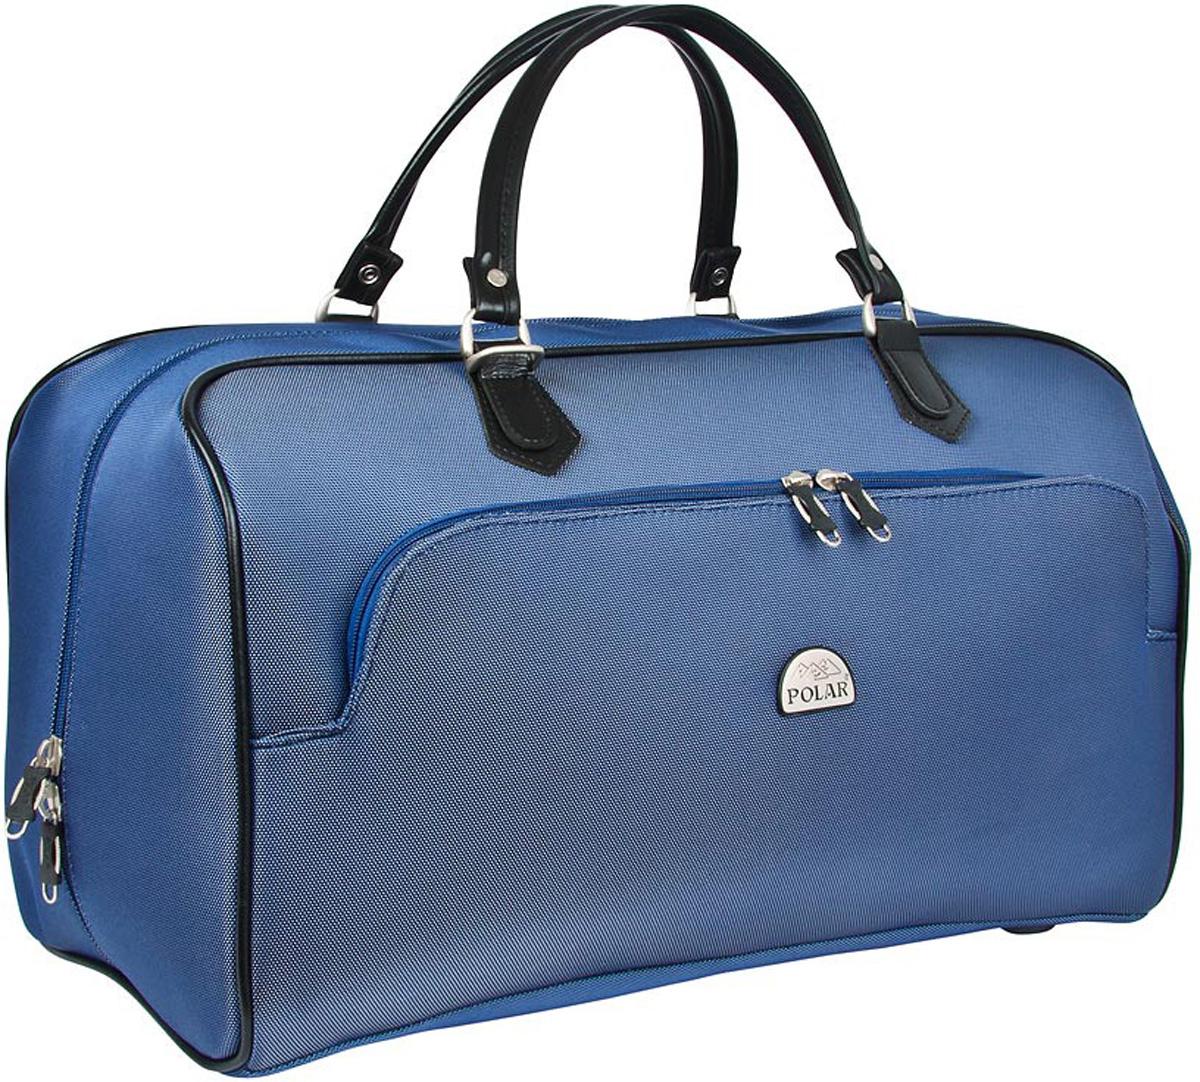 Сумка дорожная Polar, цвет: синий, 47 л. 70517051Стильная дорожная сумка Polar выполнена из кордура. Сумка имеет одно вместительное отделение, закрывающееся на двухстороннюю застежку-молнию. Стенки и дно - жесткие. Внутри - один большой карман на молнии. Снаружи - большой карман на молнии. Ручки отделаны искусственной кожей. В комплекте есть съемный, регулируемый плечевой ремень.